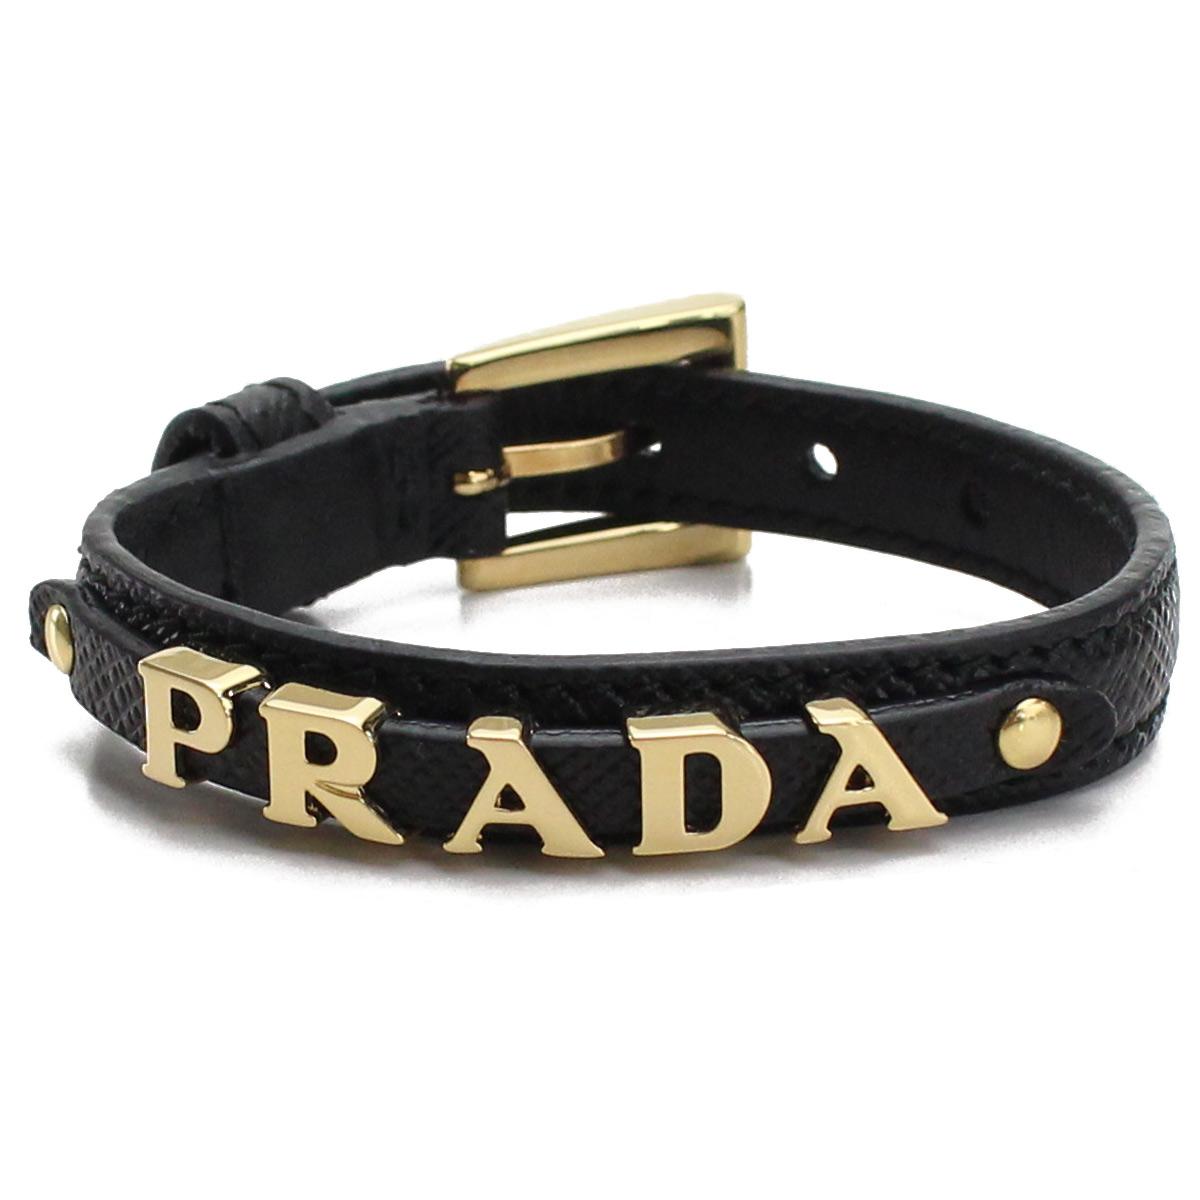 プラダ PRADA ロゴ入り サフィアーノ レザー ブレスレット 1IB217 053 F0002 NERO ブラック レディース gsw-5